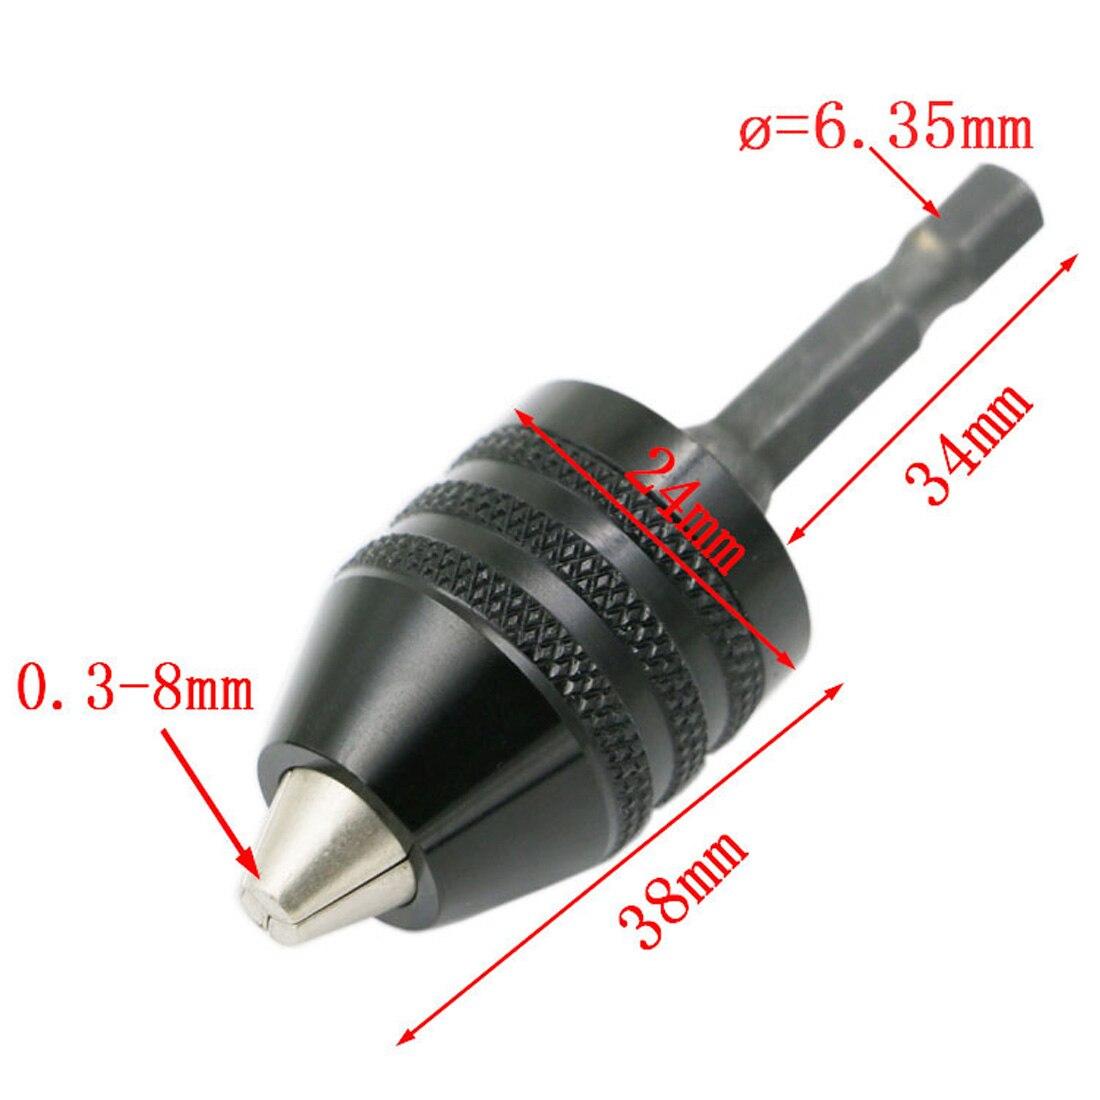 1 pc 0.3-8mm Noir Sans Clé Mandrin Tournevis Impact Driver Adaptateur 1/4 6.35mm Hex Shank Forets Diamètre Outils Électriques